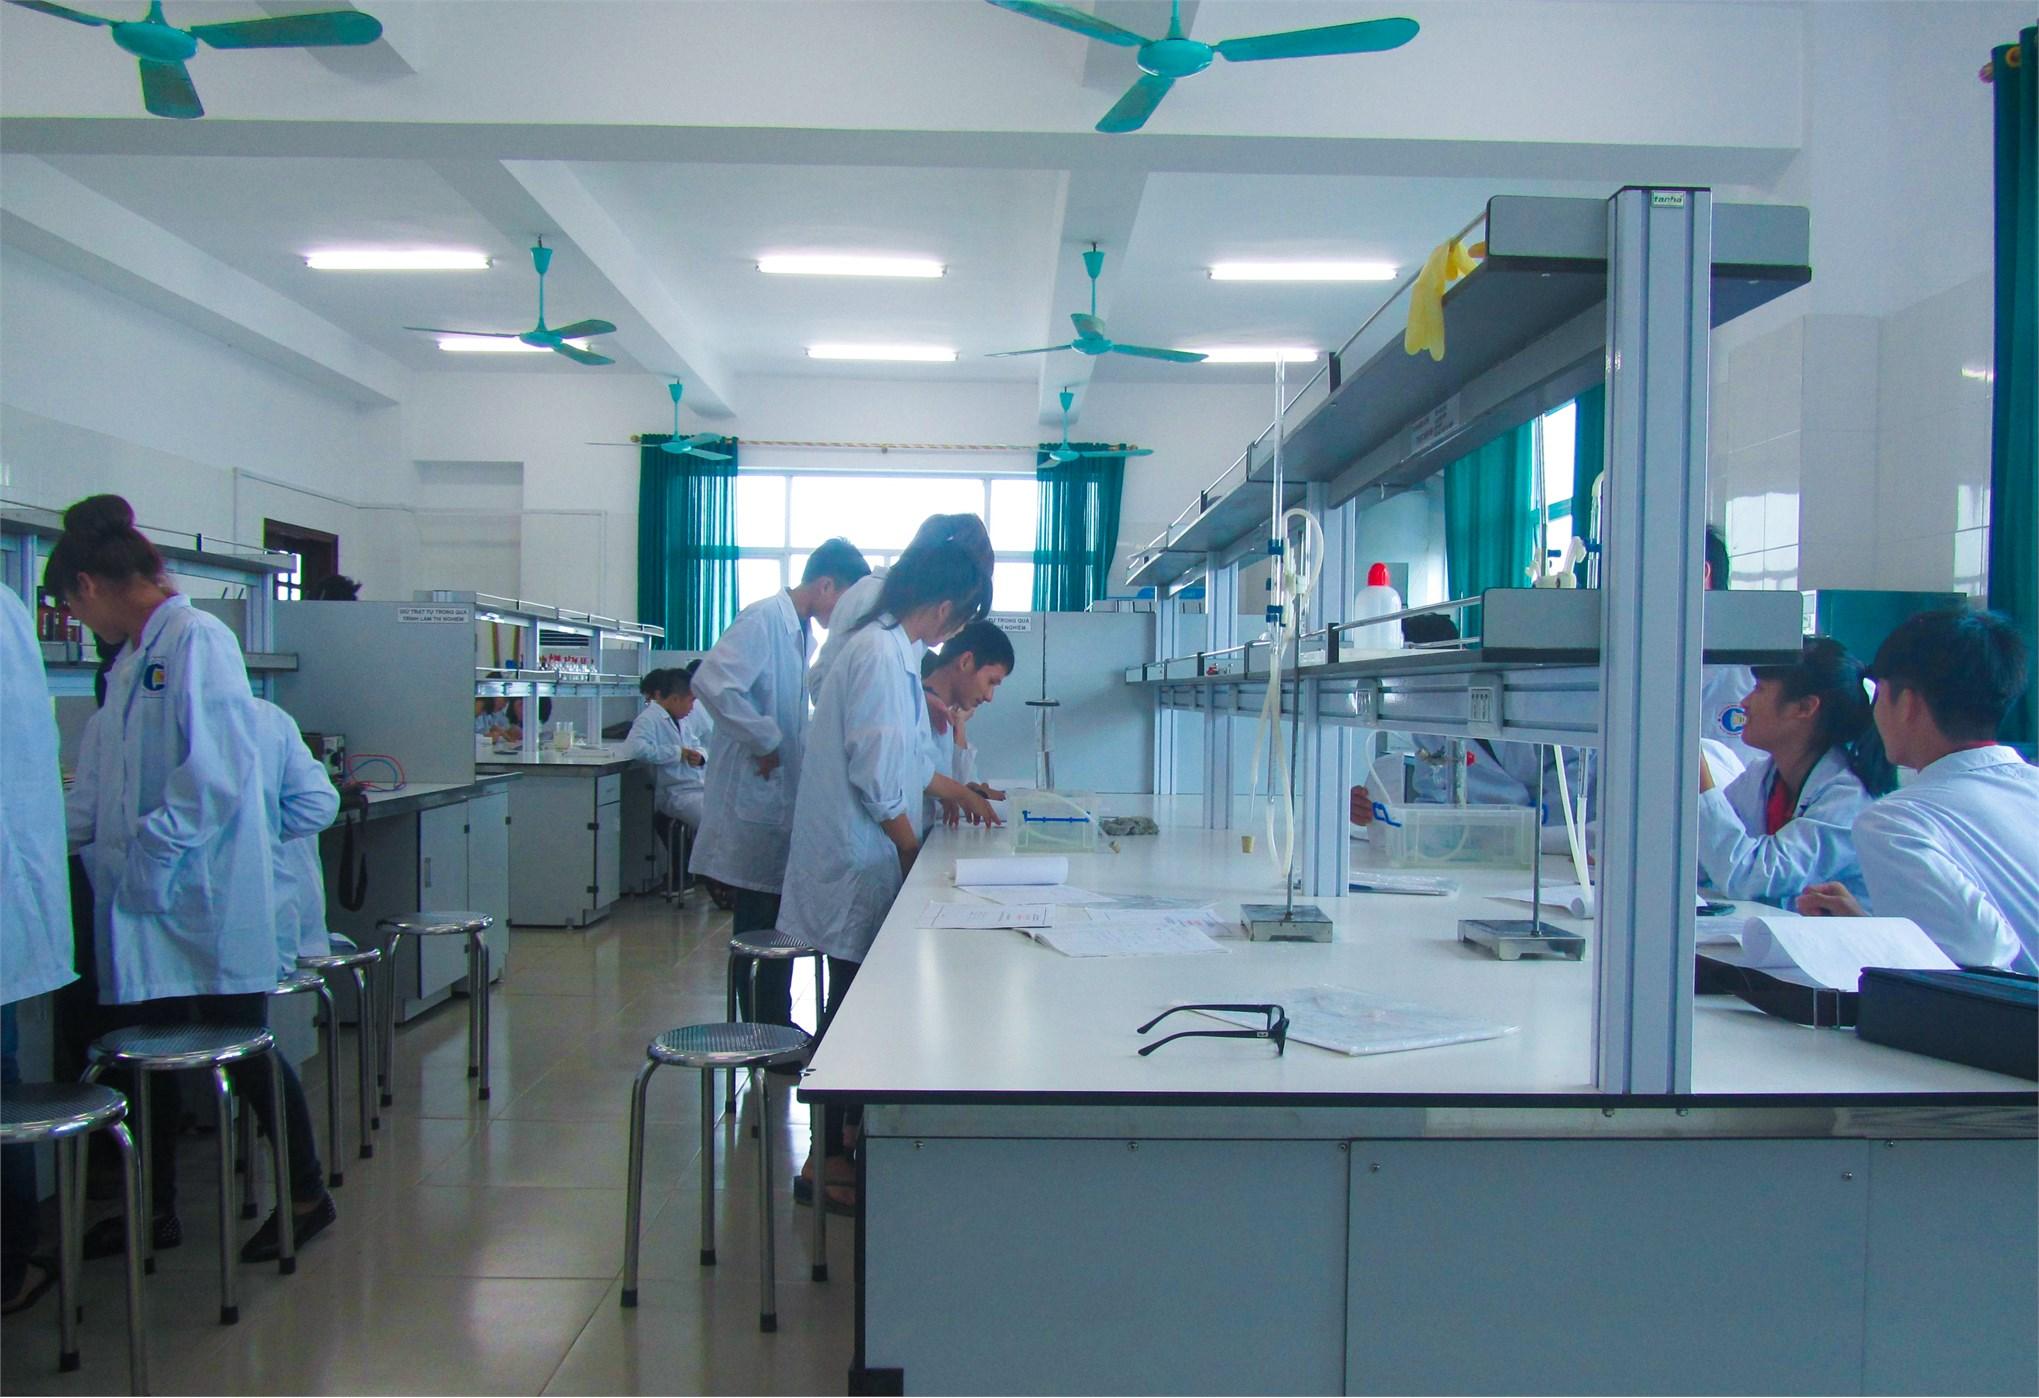 Ngành Công nghệ kỹ thuật môi trường - phát triển công nghiệp xanh